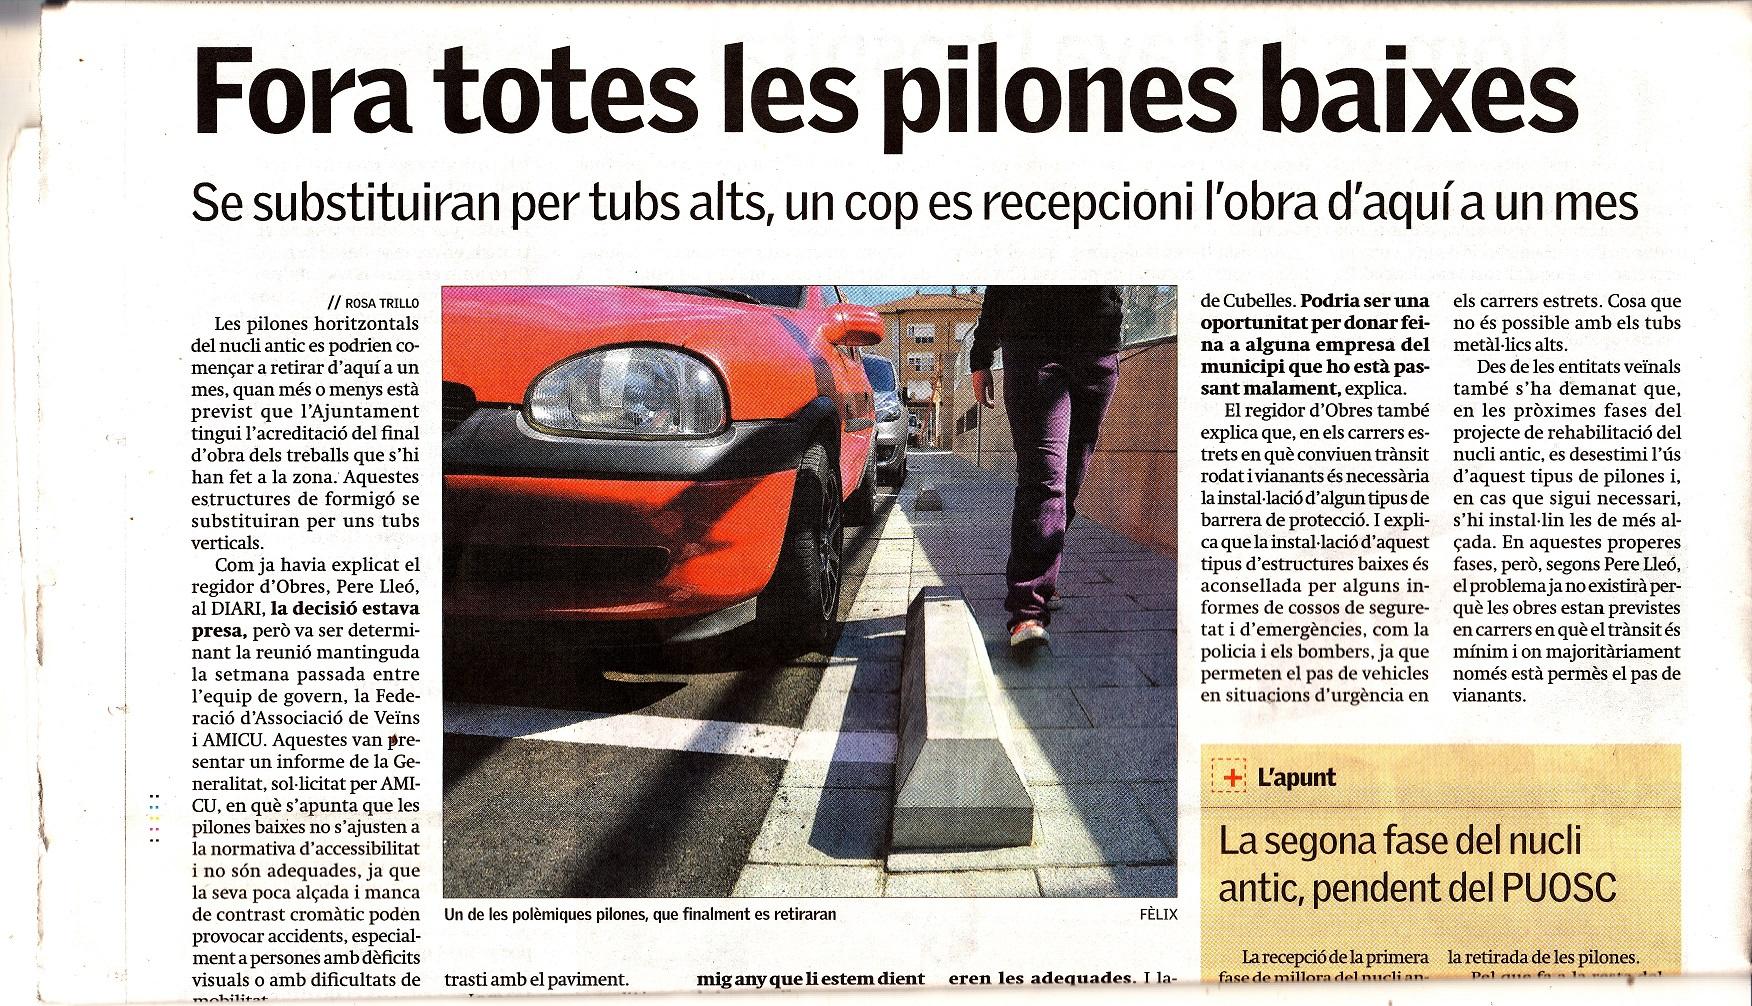 DIARI DE VILANOVA, FORA TOTES LES PILONES 05-04-2013-R-1